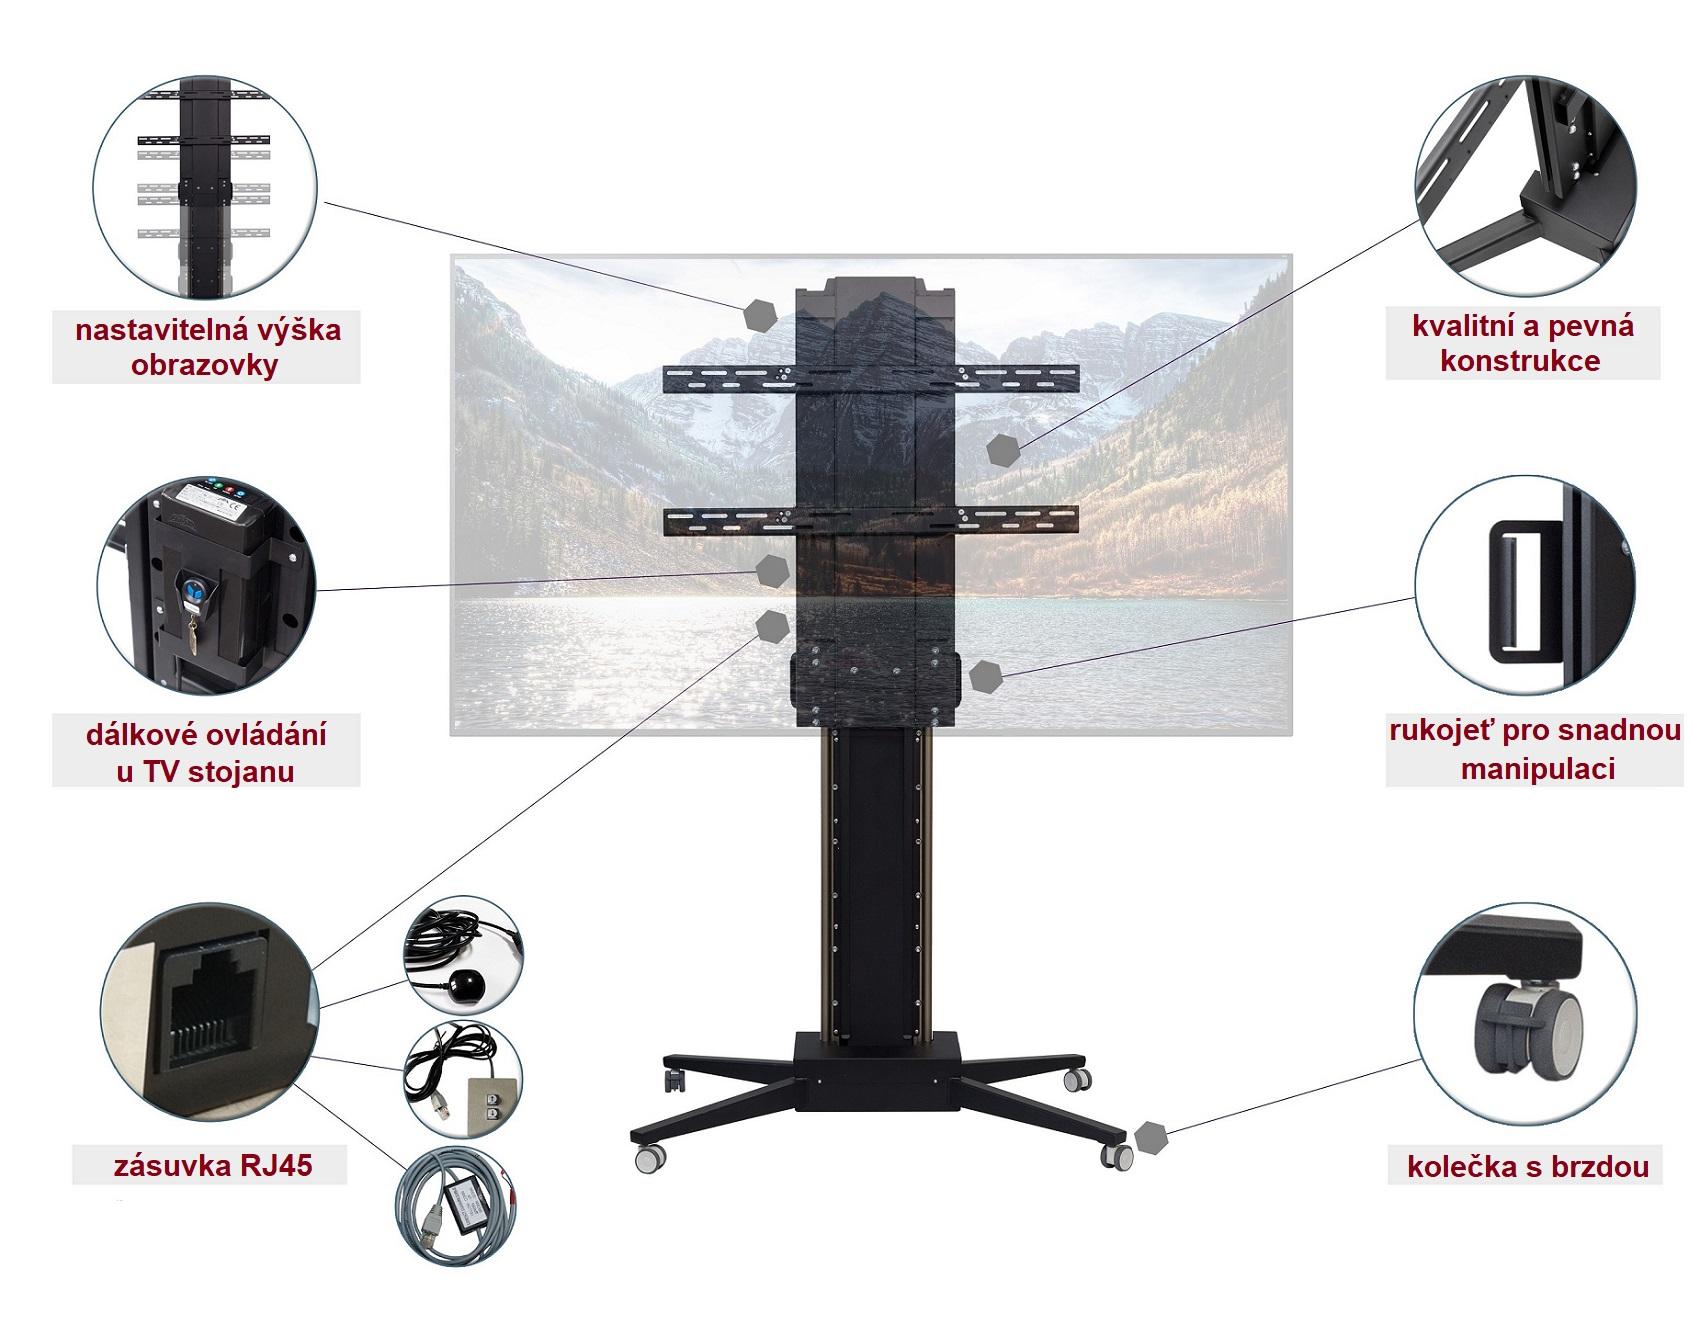 Pojízdný stojan TV Fiber Moutns Mobi-Lift s nastavitelnou výškou obrazovky